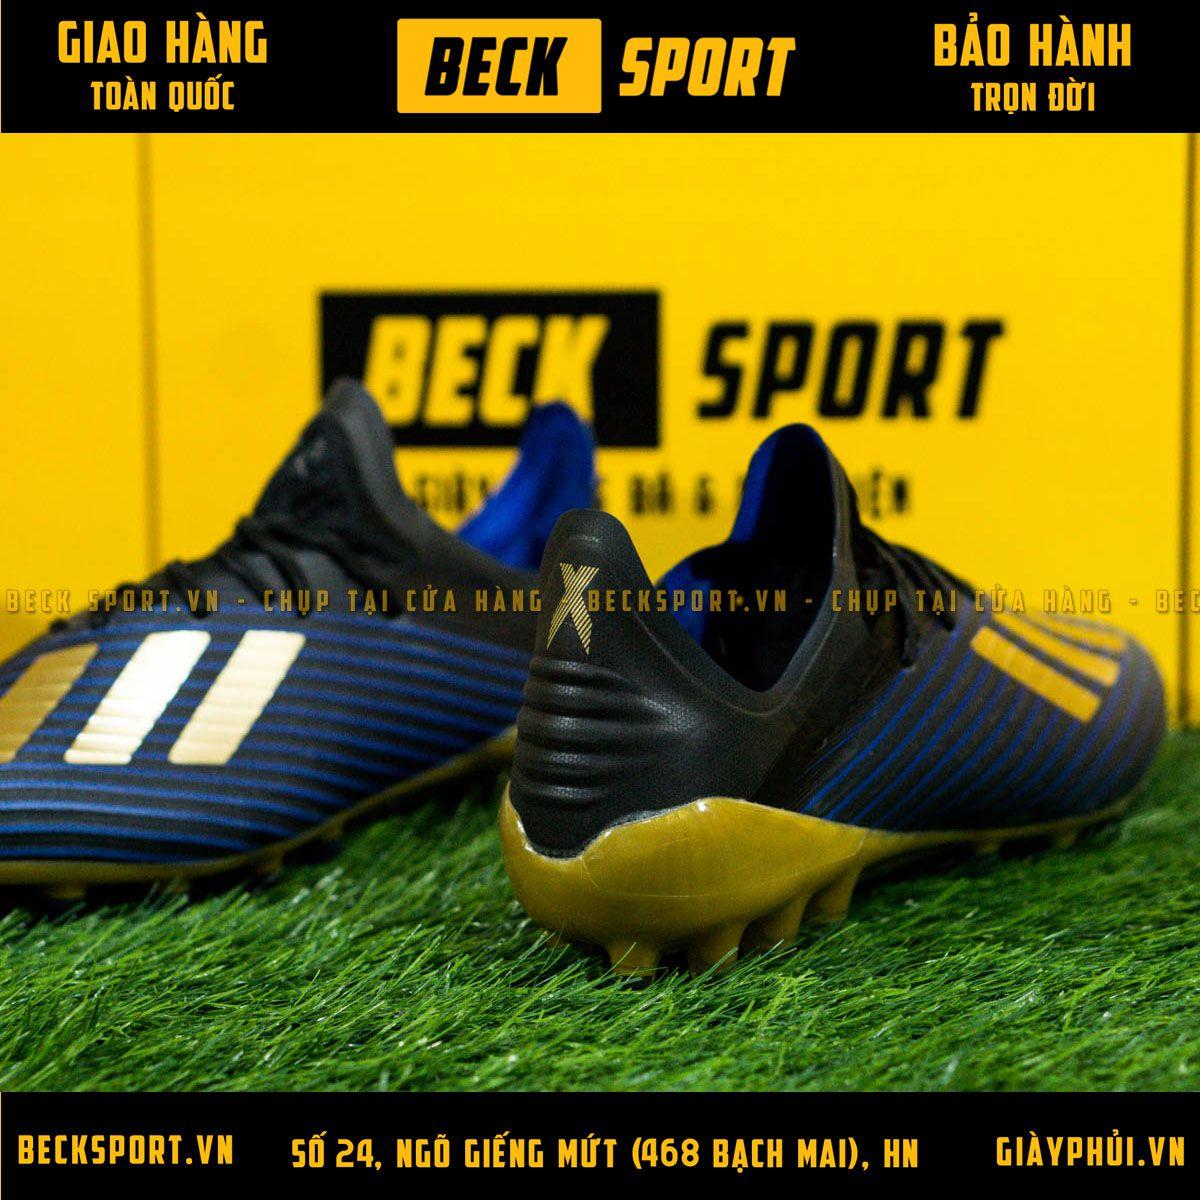 Giày Bóng Đá Adidas X 19.1 Xanh Biển Vạch Đồng AG